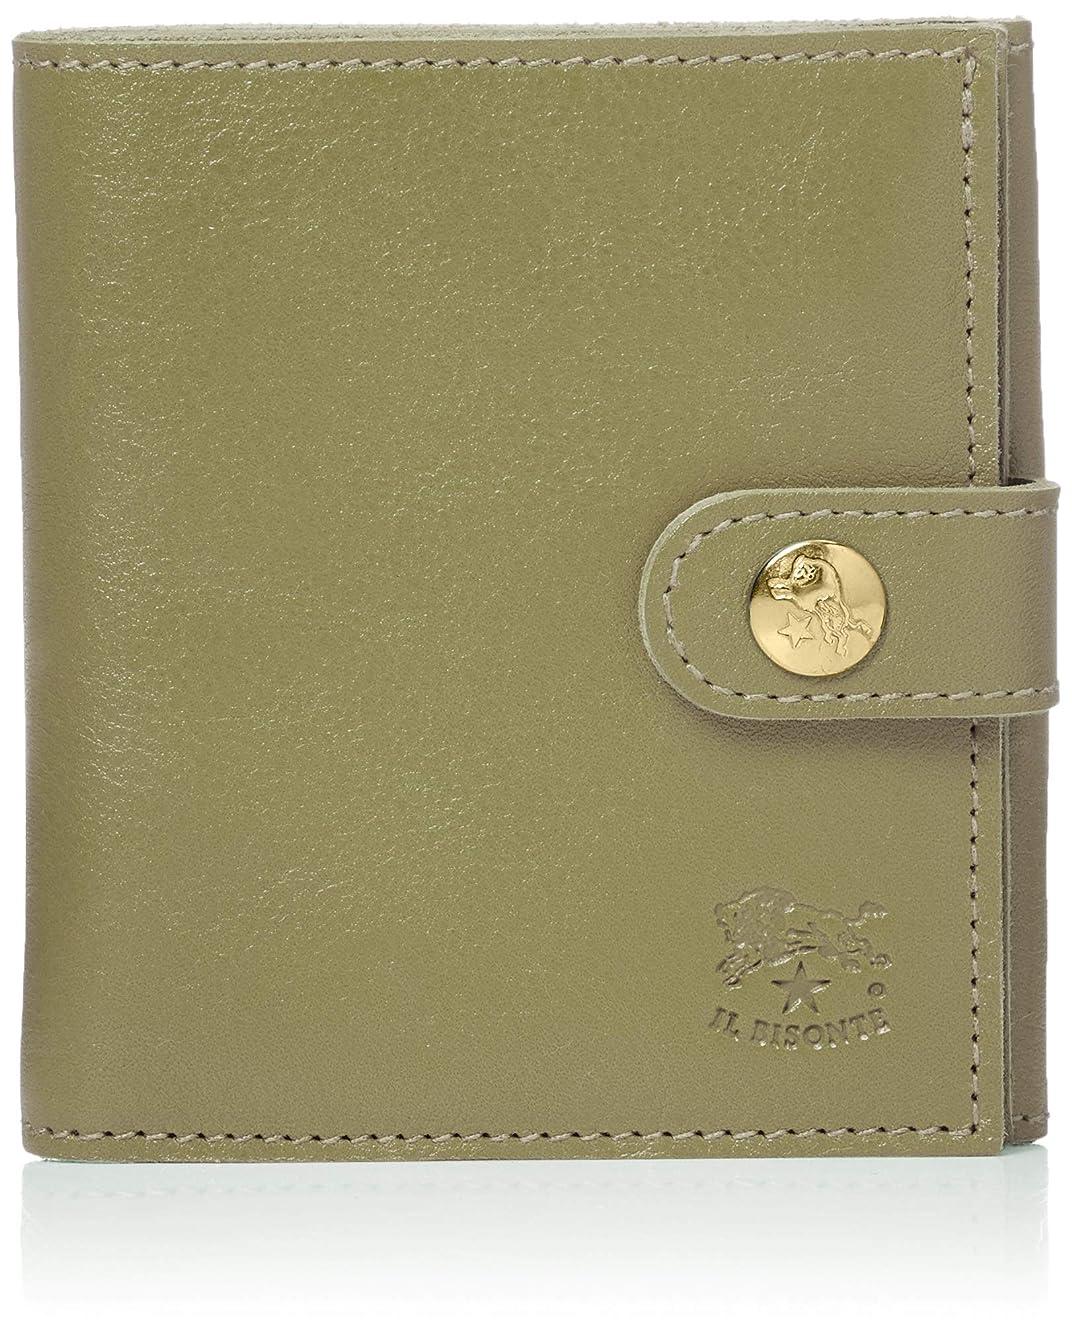 粒子うがいヒール[イル ビゾンテ] 二つ折り財布 C0955 Original Leather 並行輸入品 IL-C0955-120 [並行輸入品]